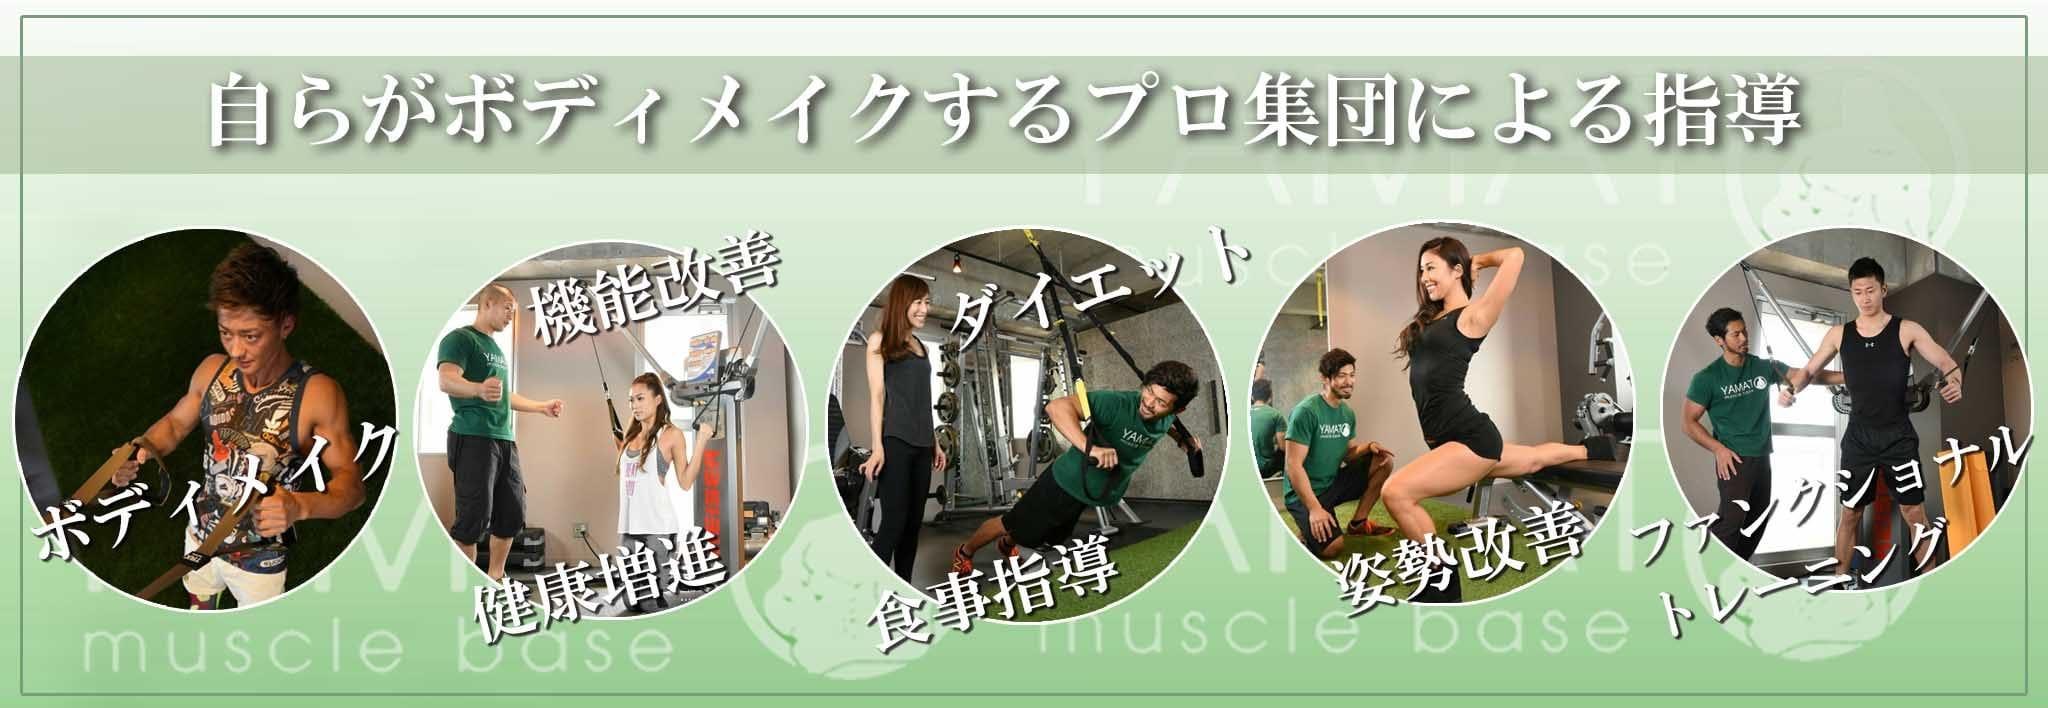 YAMATO muscle base(ヤマトマッスルベース)のジム画像1